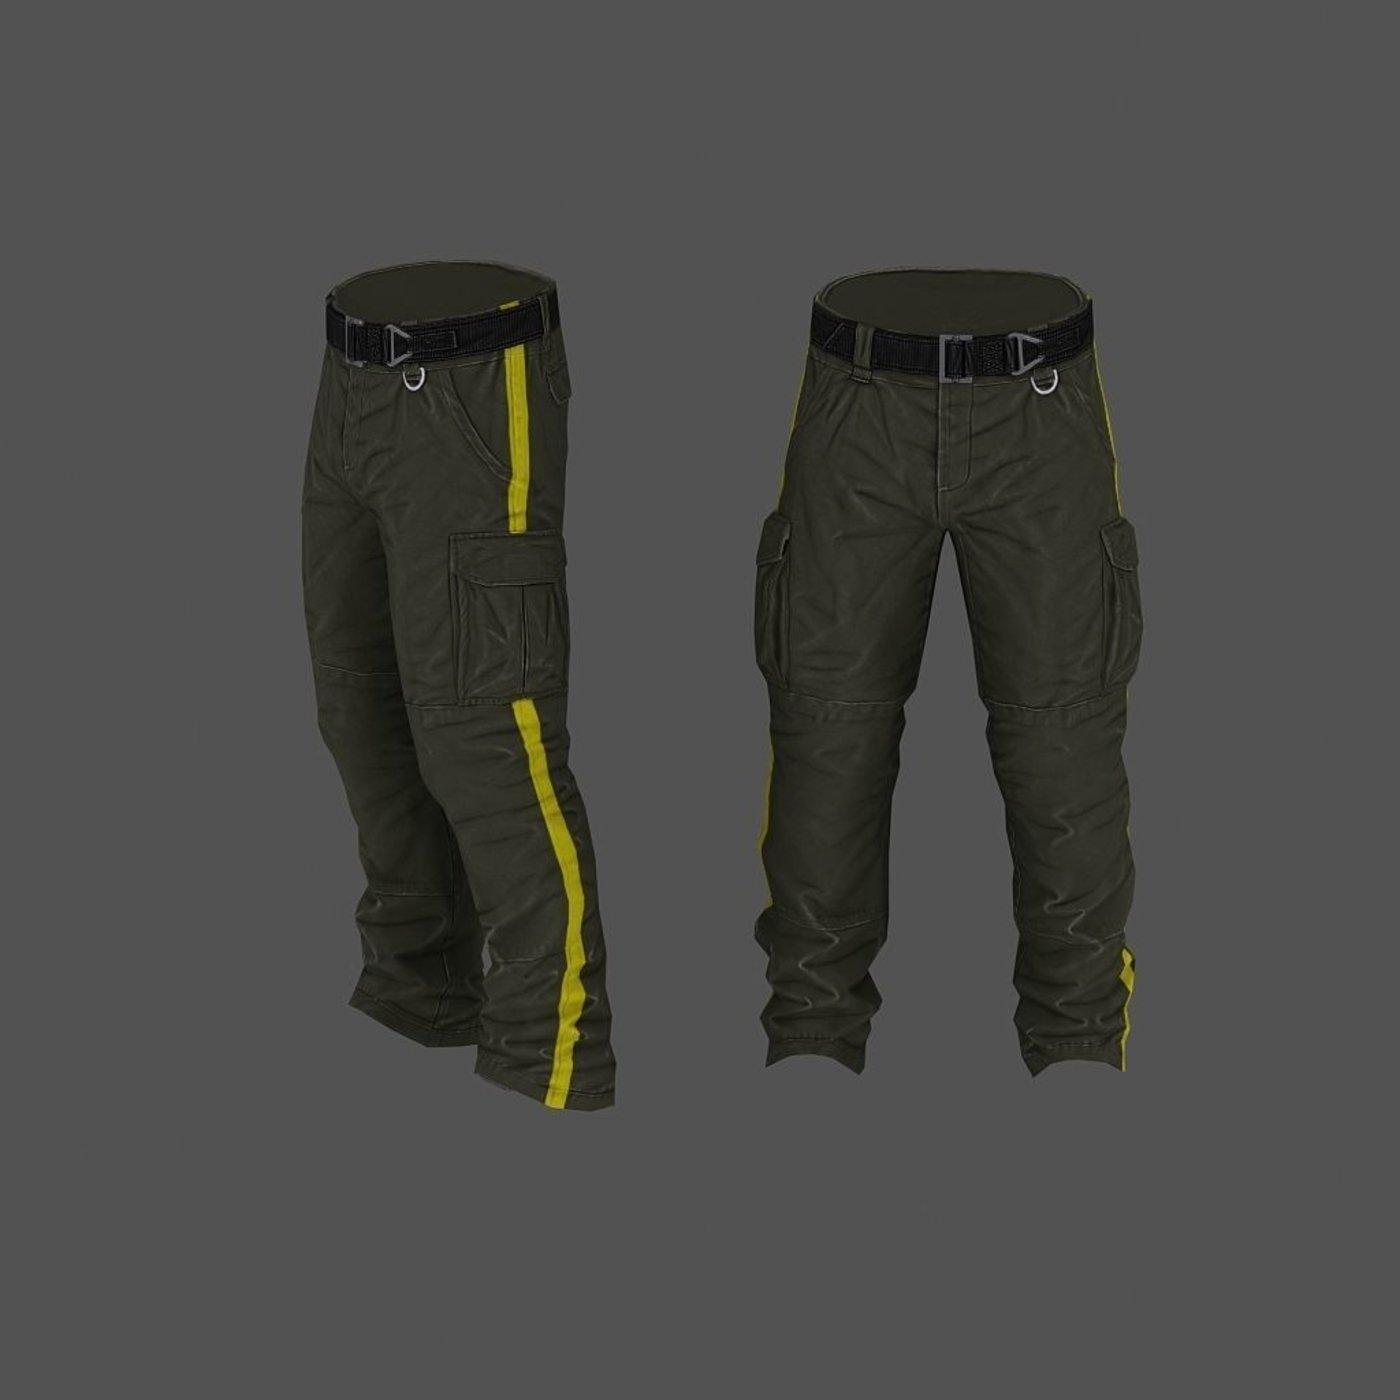 Cargo uniform